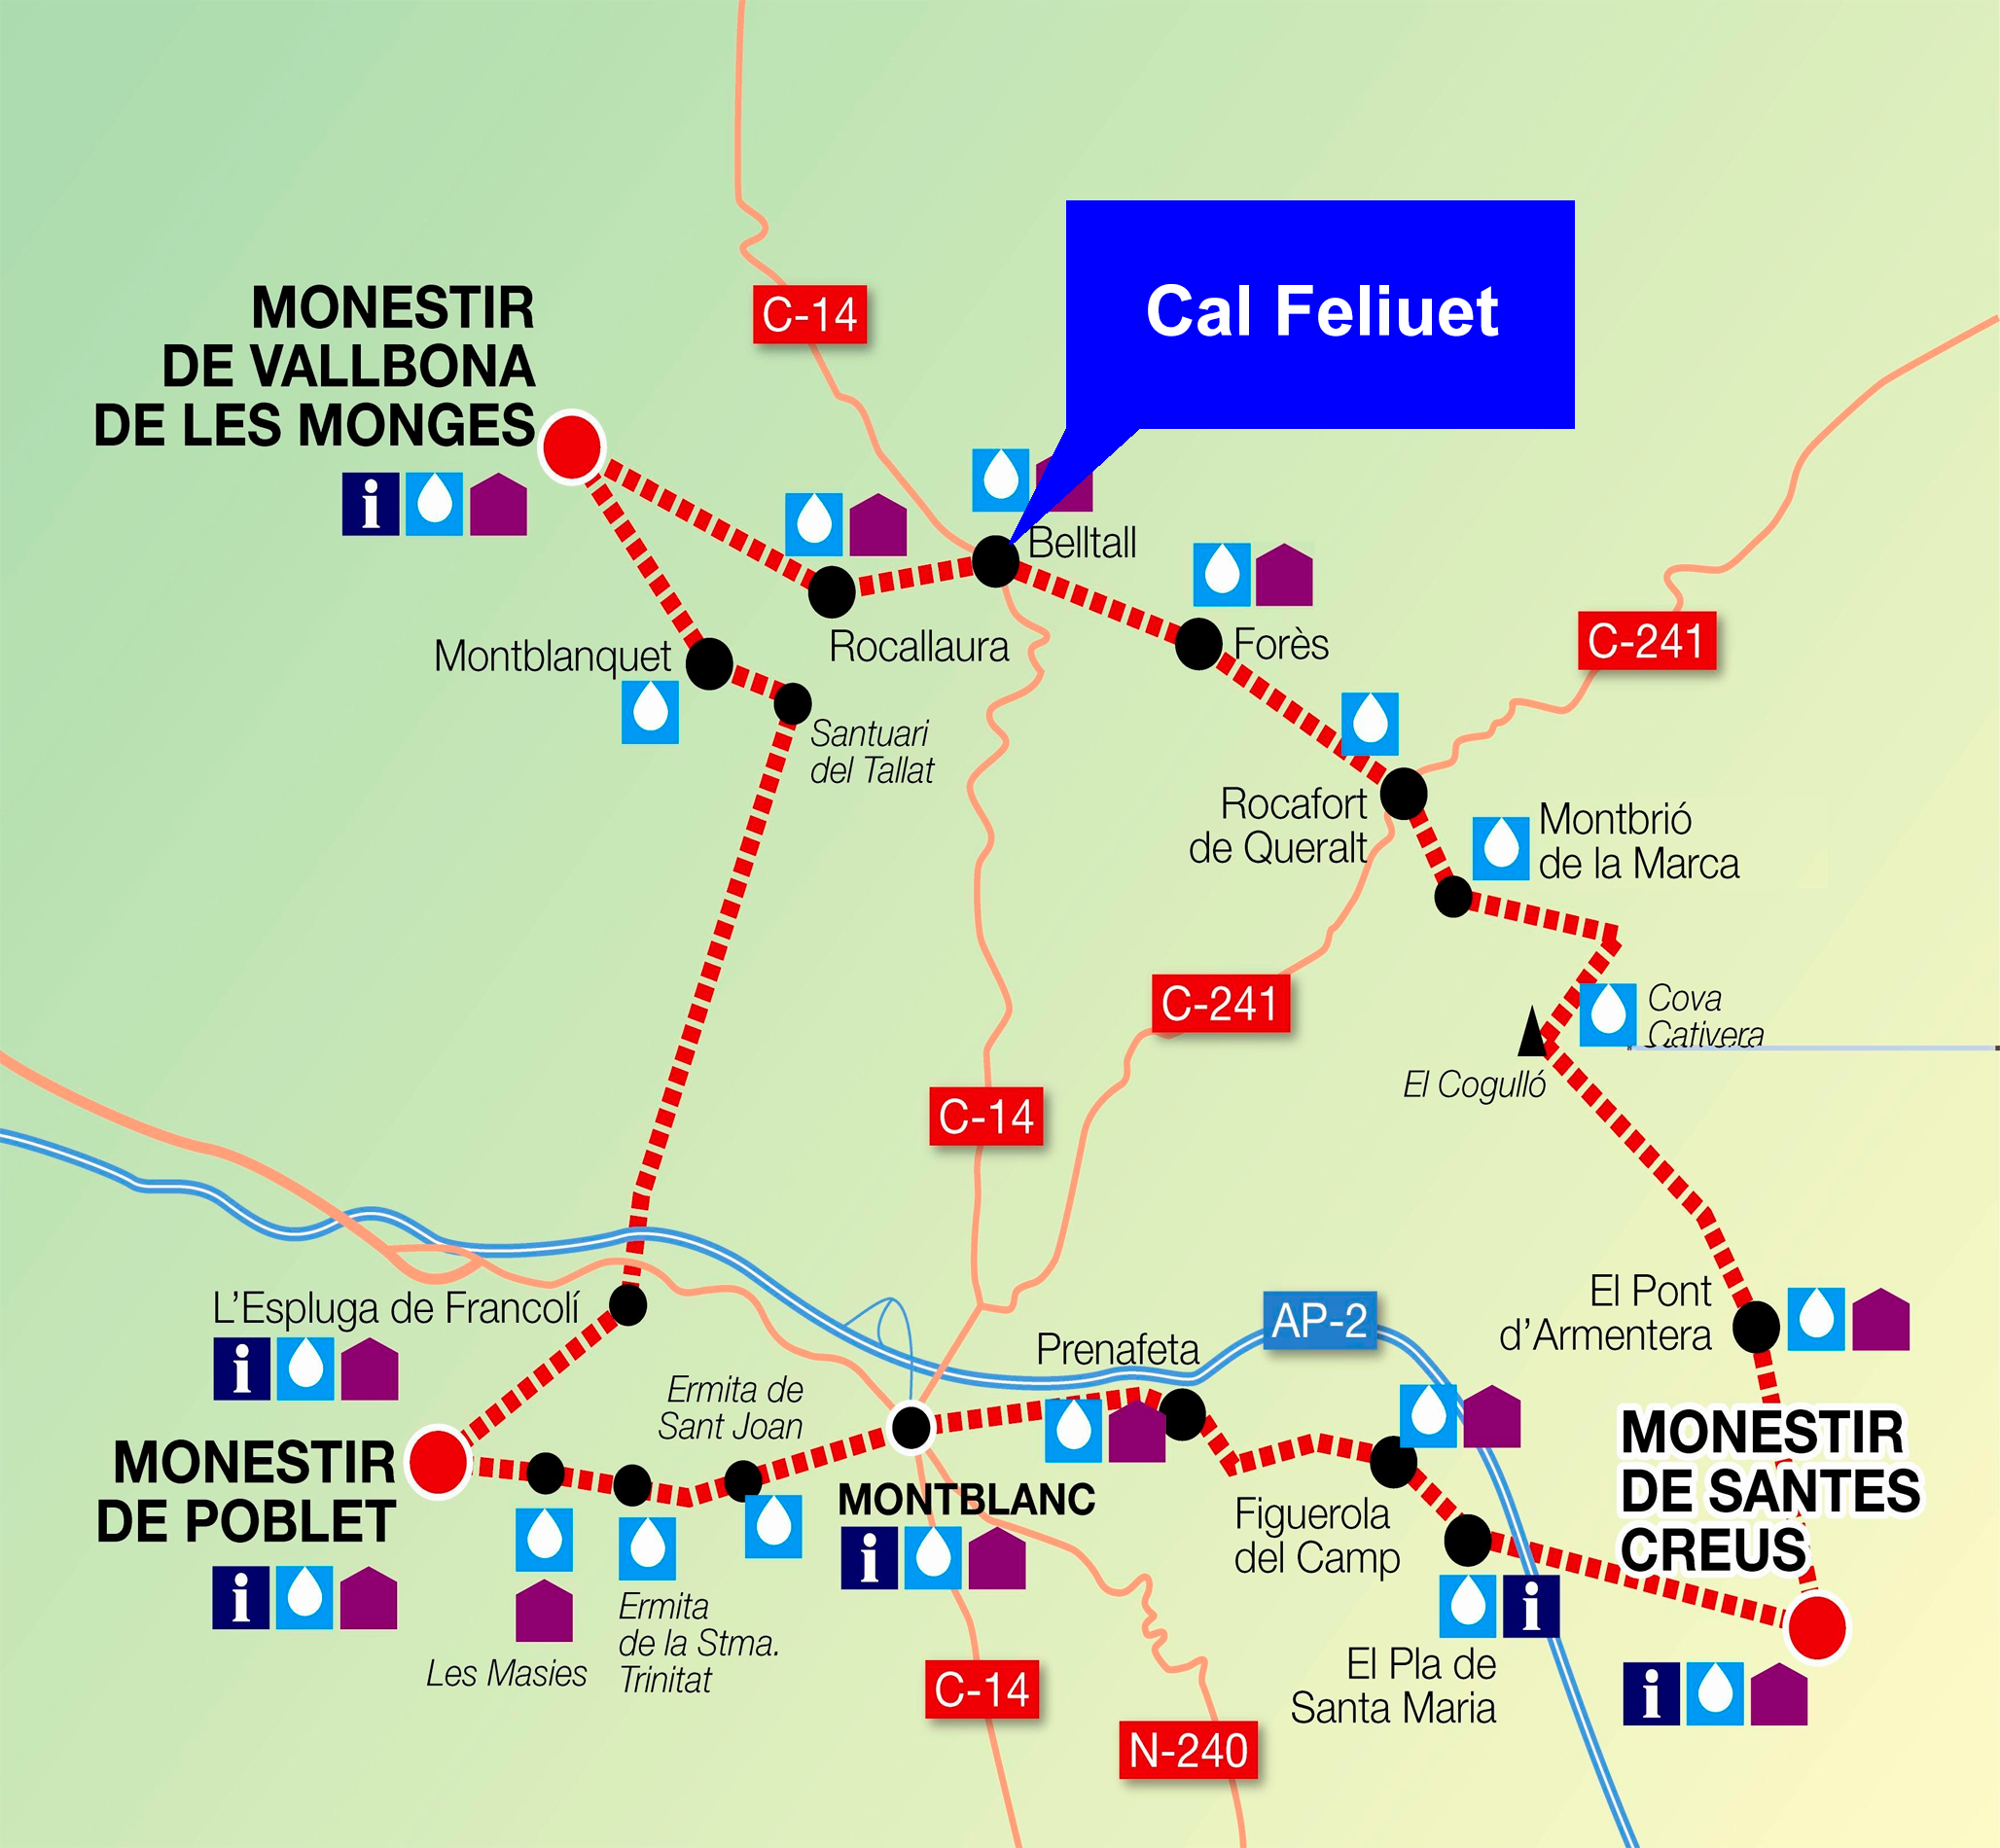 Conoce la ruta del Cister turismo rural en Belltall Tarragona